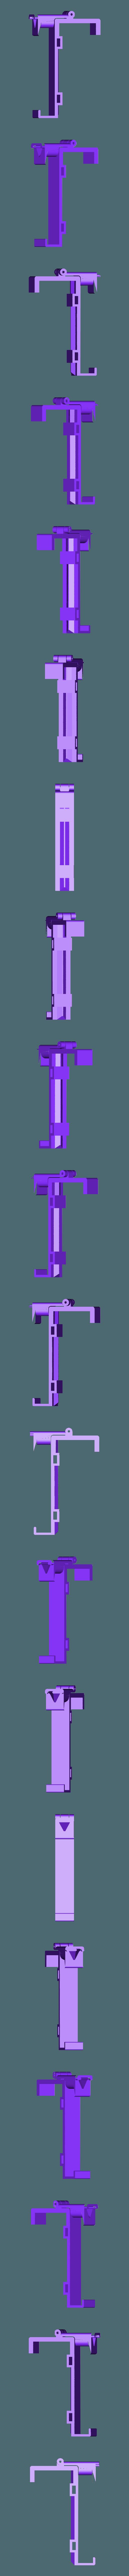 MountMid%2BLock.stl Télécharger fichier STL gratuit Support de téléphone pour lit IKEA STUVA / FRITIDS • Plan pour impression 3D, Milan_Gajic